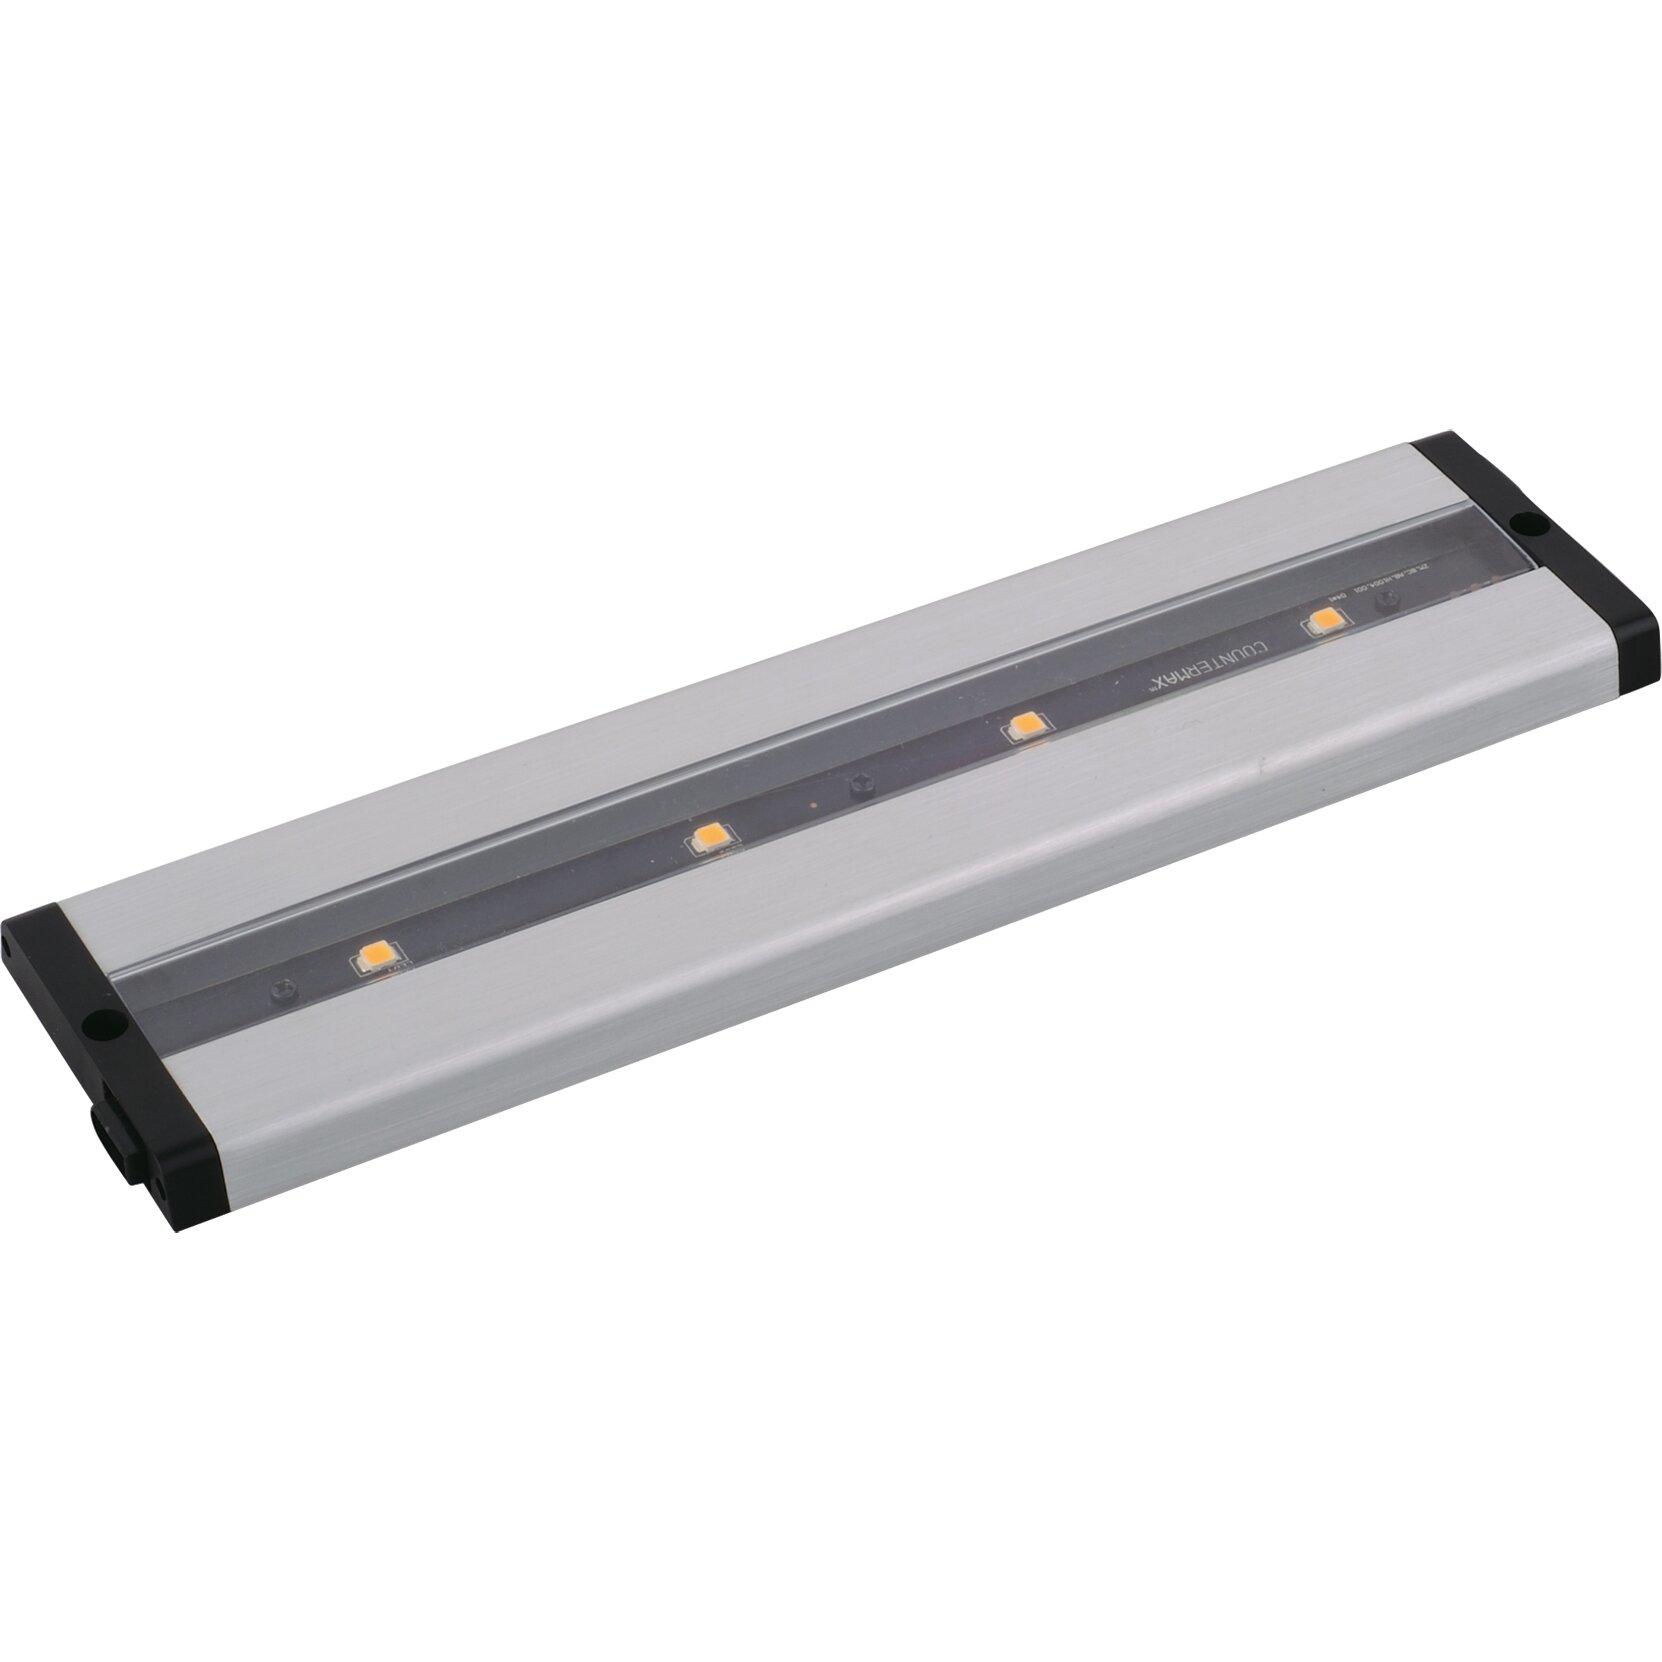 Led Ramp Under Koksskap : CounterMax MXLLPC 12 LED Under Cabinet Bar Light by Maxim Lighting